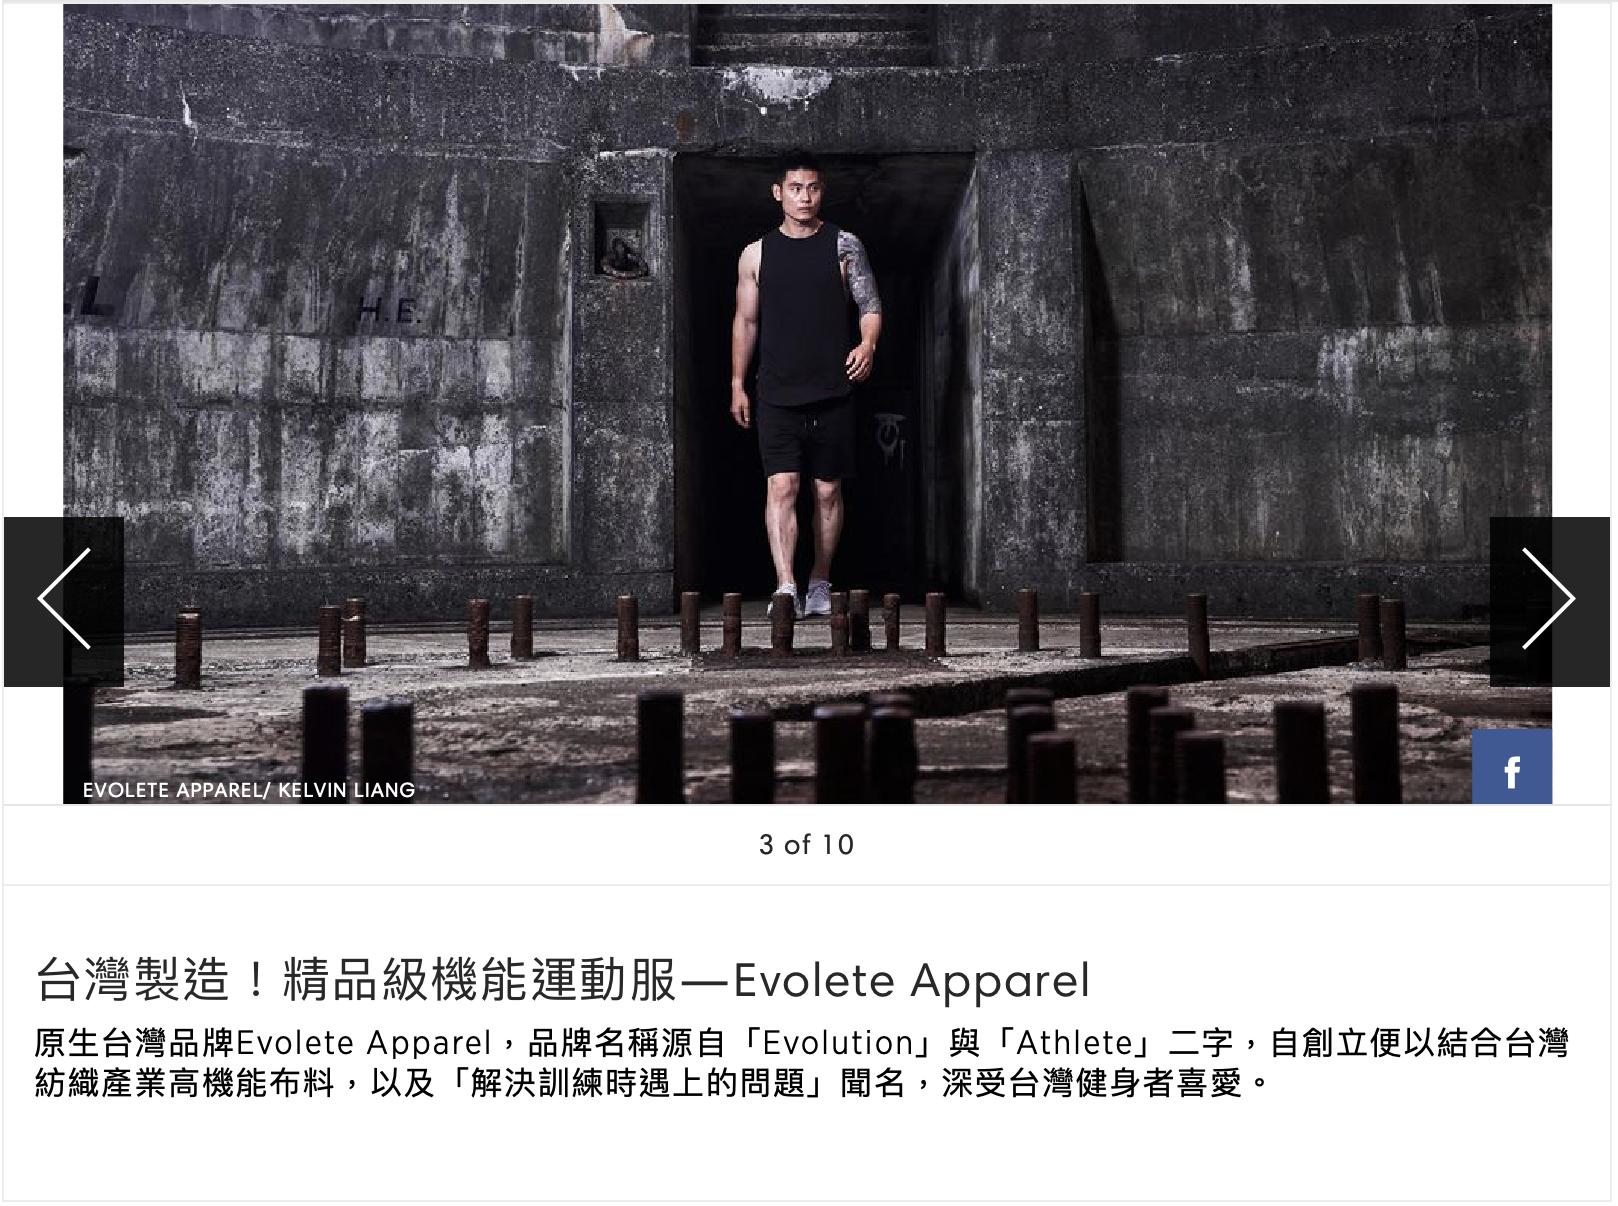 高端男性健身衣服品牌推薦Evolete!哈波時尚報導:從材質到設計的頂尖質感!|Evolete Apparel